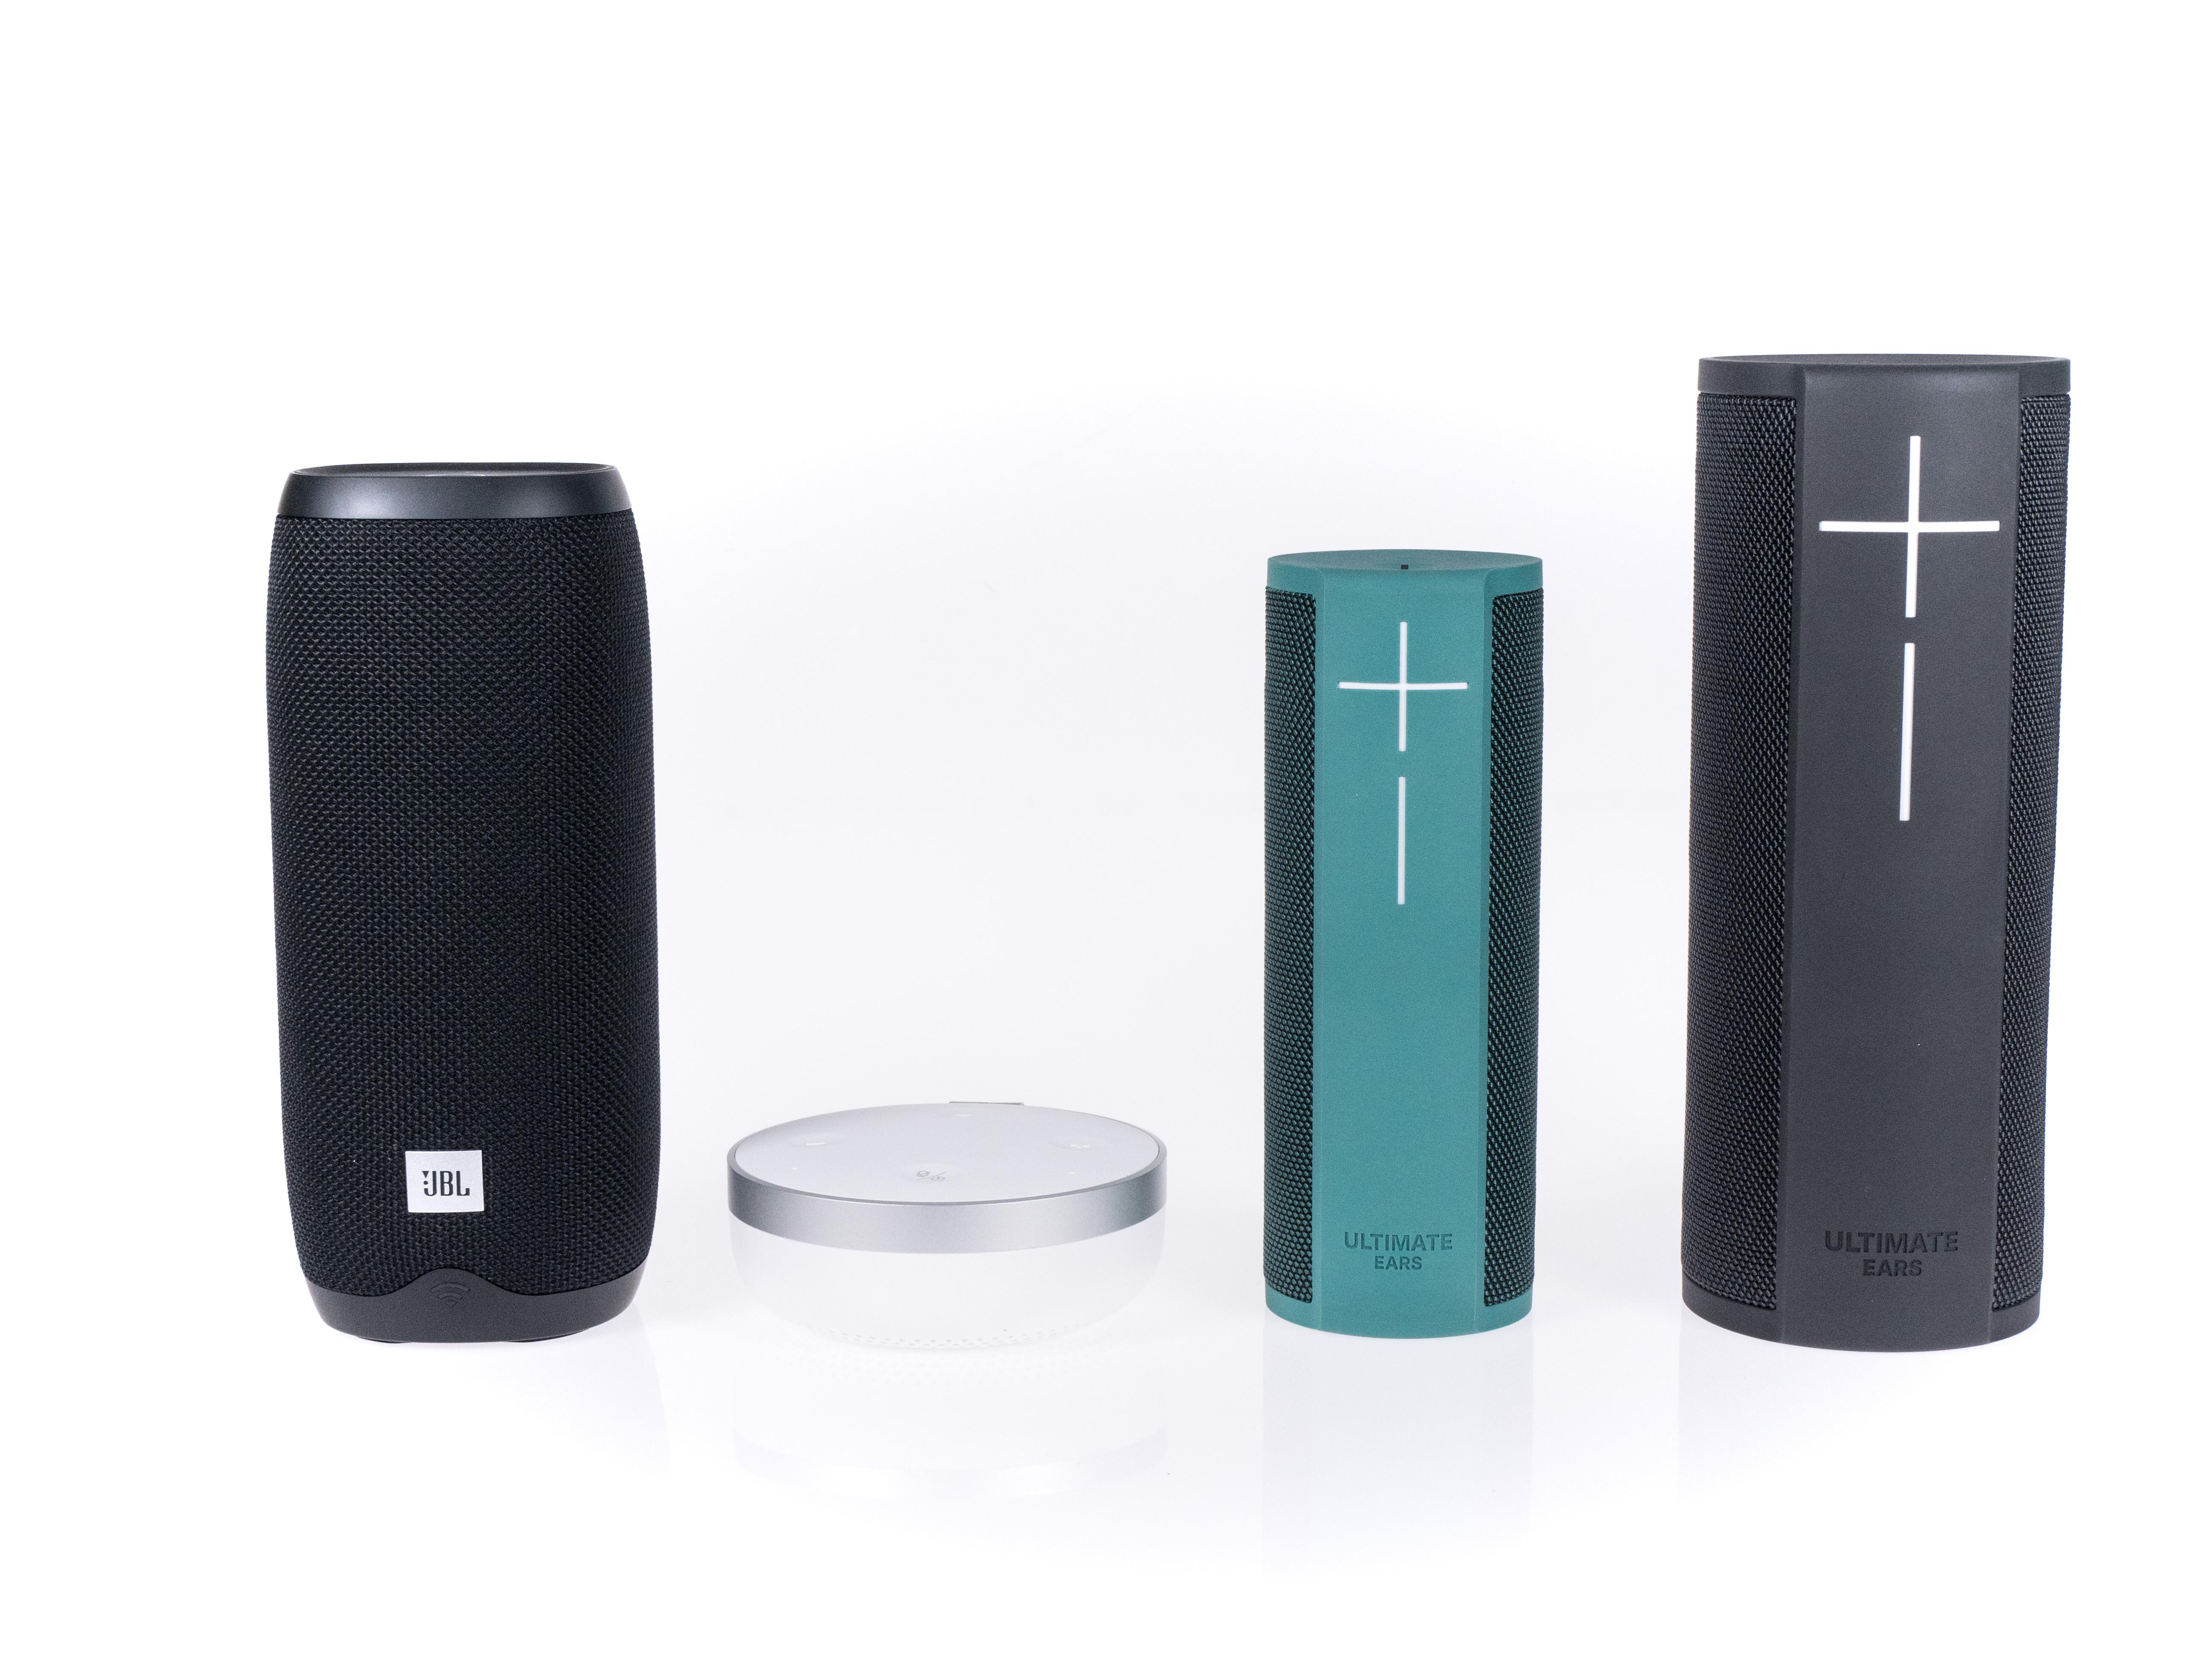 Alexa-Geräte und ihre Konkurrenz im Test: Der perfekte smarte Lautsprecher ist nicht dabei - Alle smarten Lautsprecher mit Akku (Bild: Martin Wolf/Golem.de)